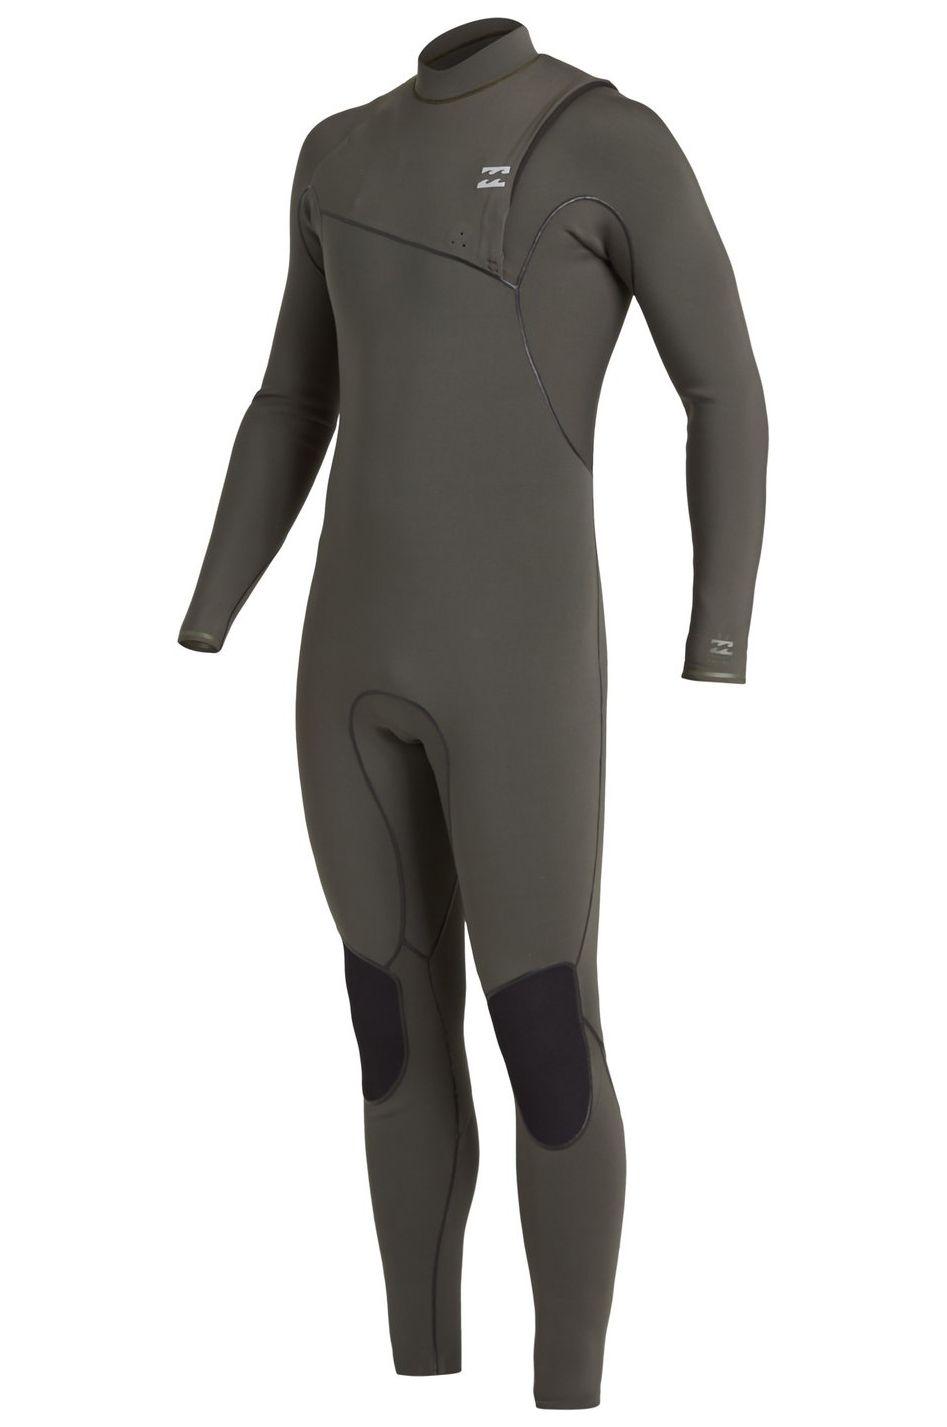 Billabong Wetsuit 302 FURNACE NATURAL Black Moss 3x2mm